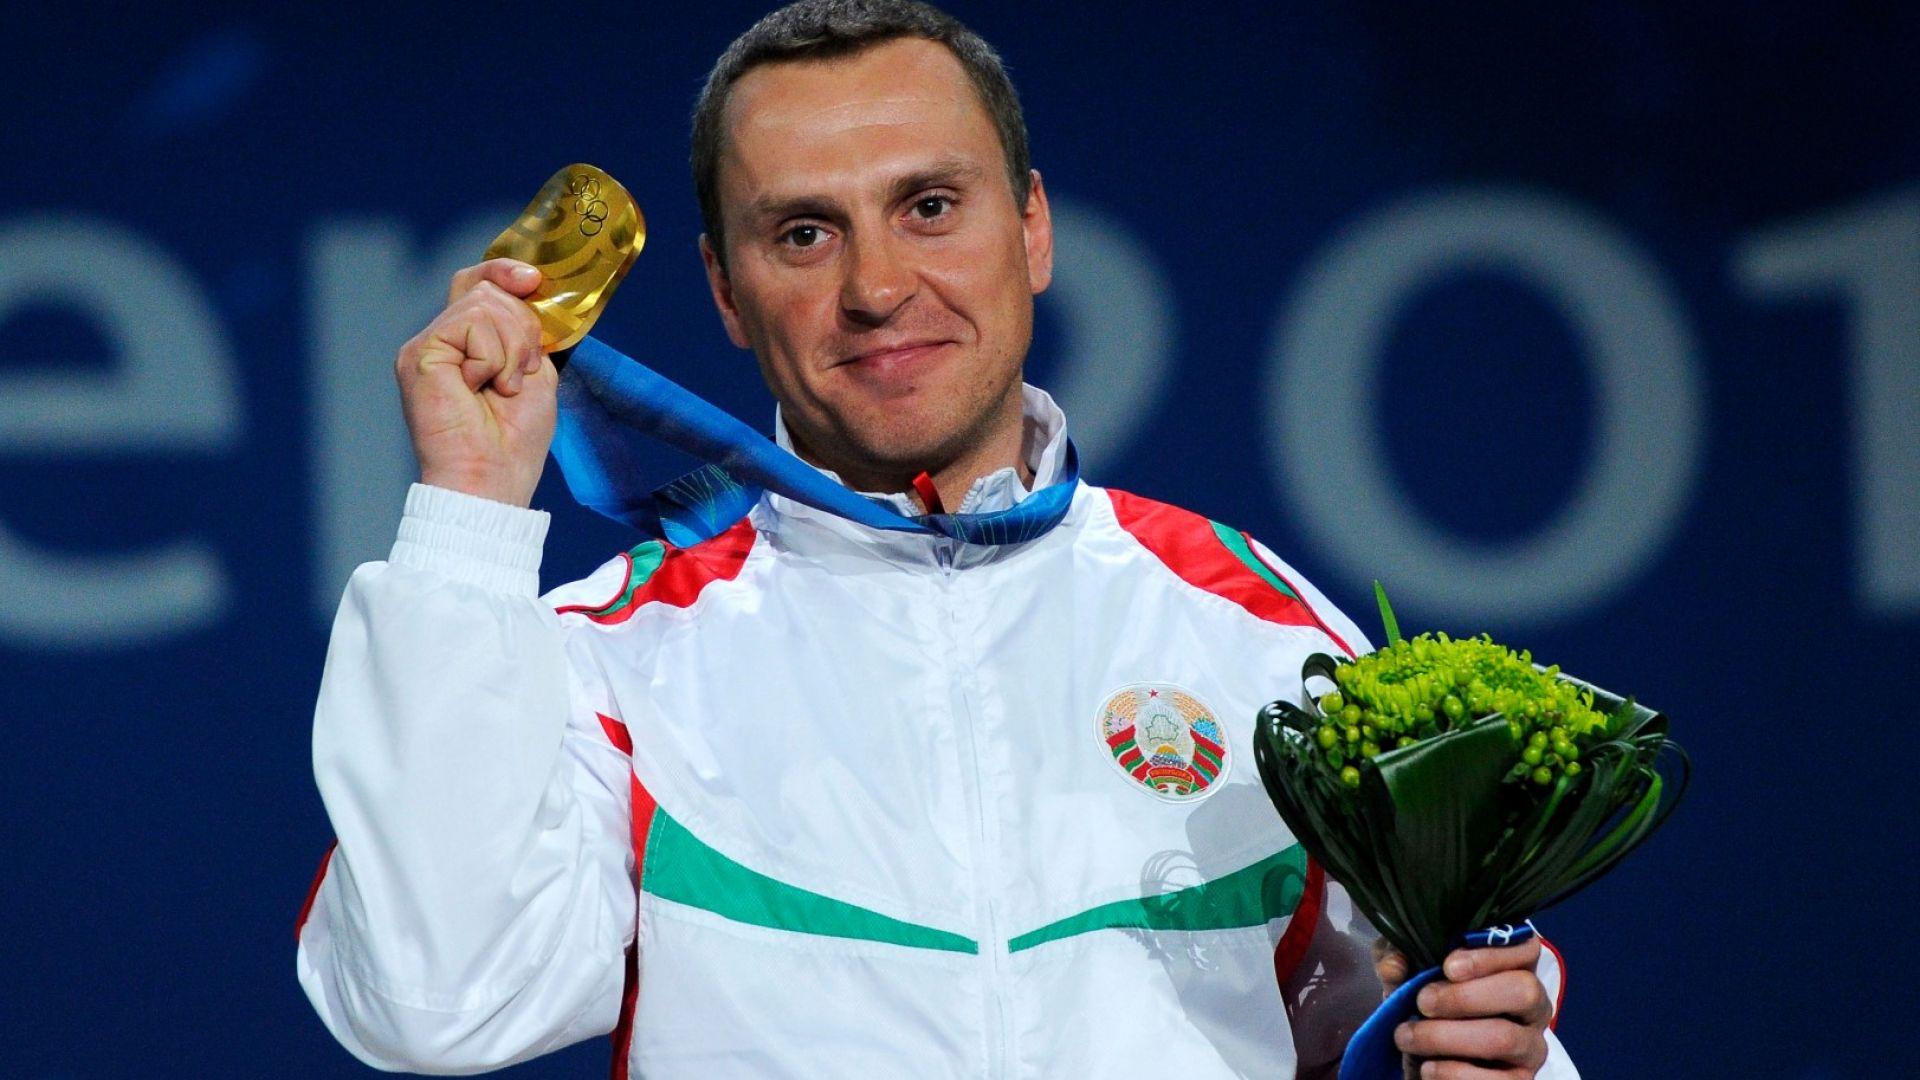 Олимпийски шампион продава медалите си, за да спаси приятел